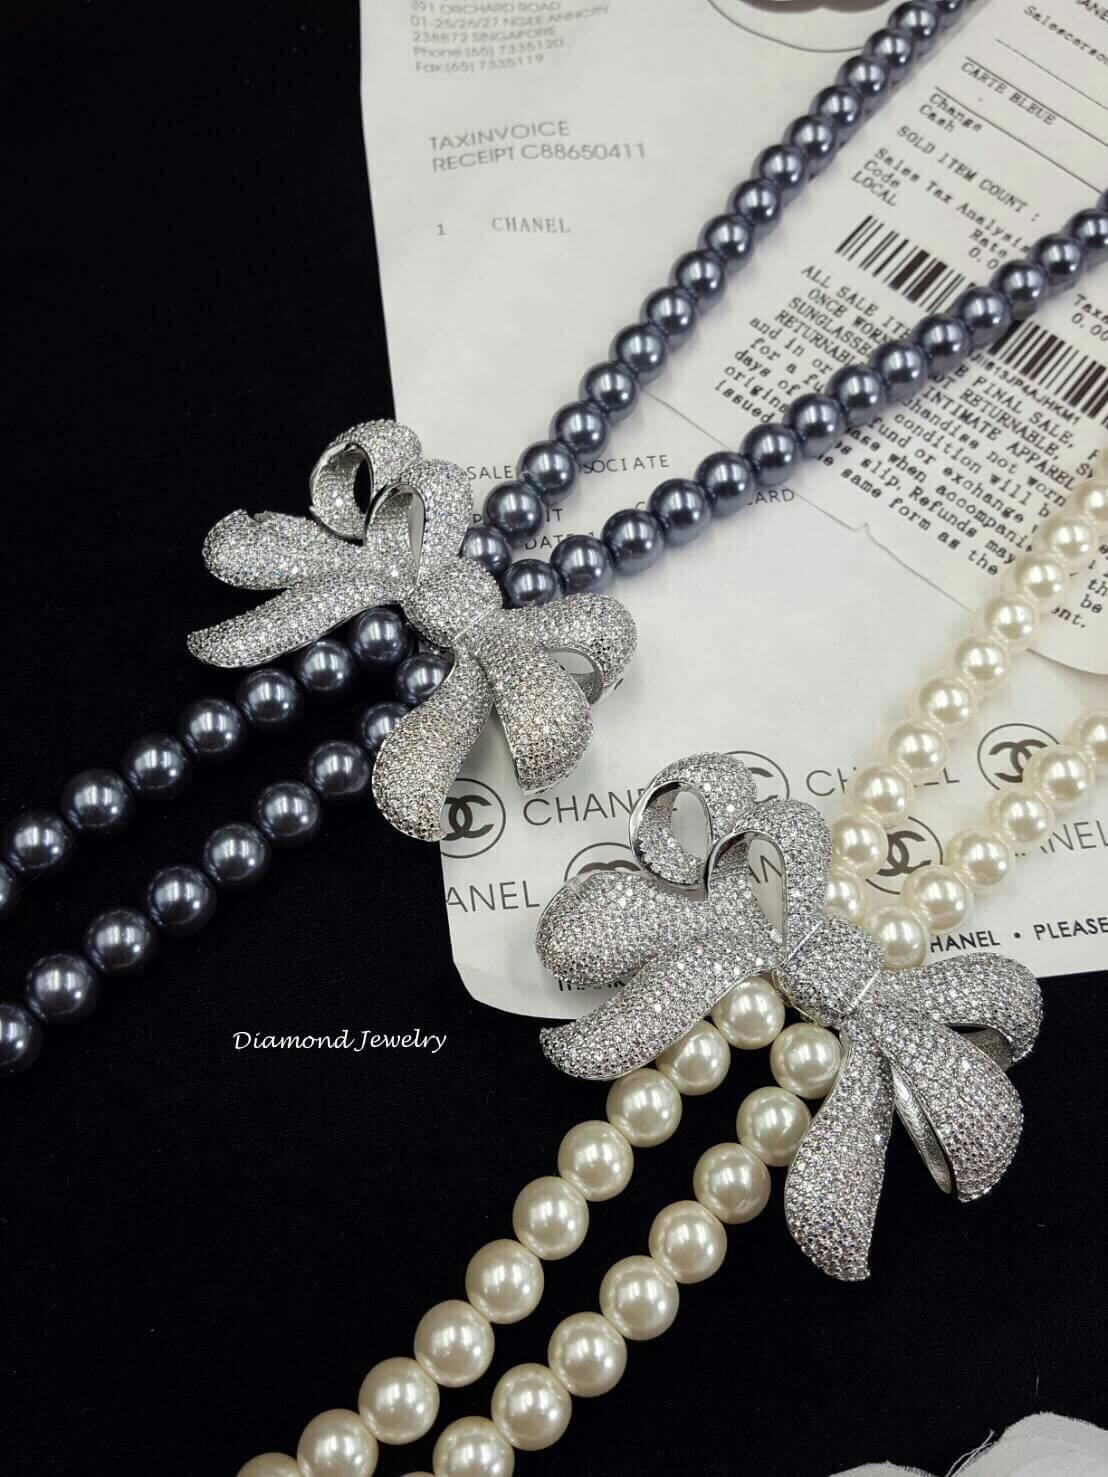 เสื้อผ้าเกาหลี พร้อมส่งPearl Necklace รุ่นนี้เป็นงานมุกญี่ปุ่นเกรดดี